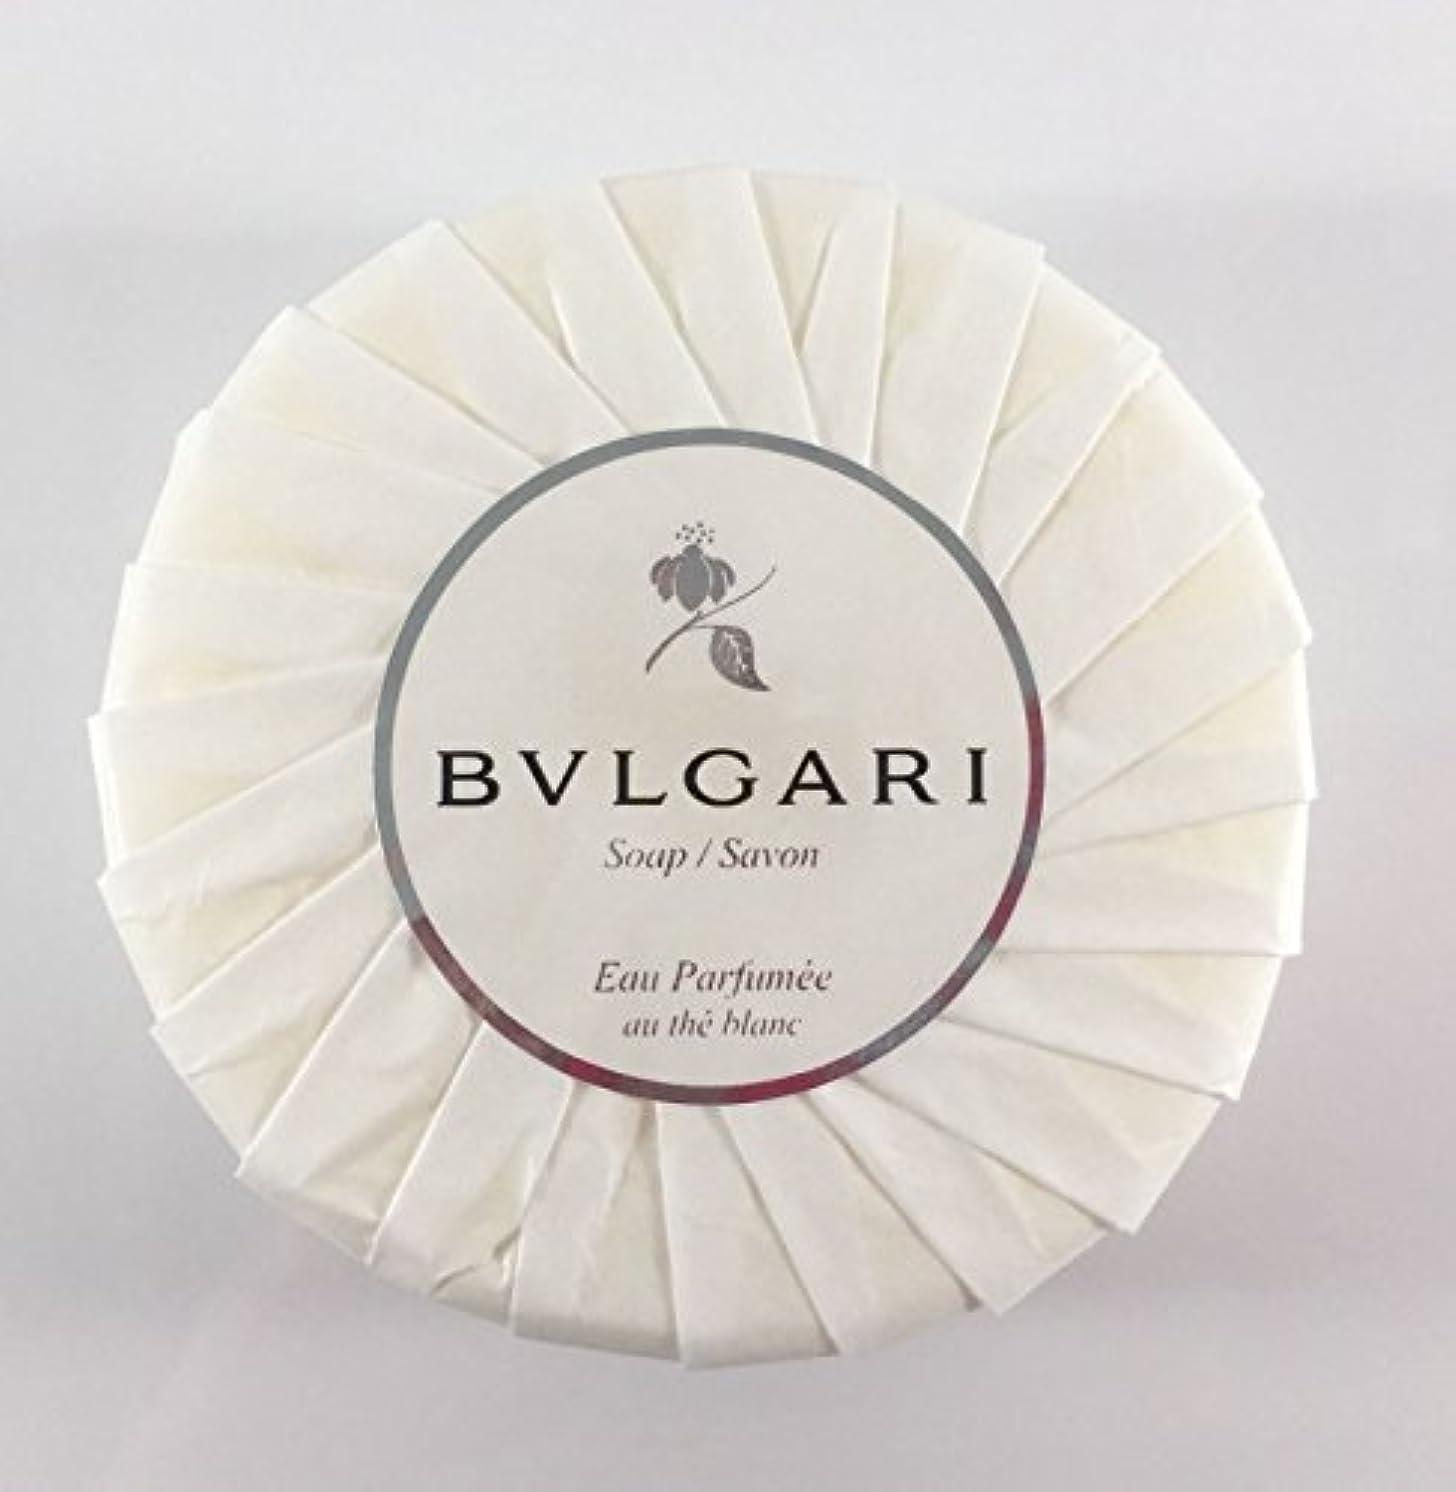 救援冷える勝つブルガリ オ?パフメ オーテブラン デラックスソープ150g BVLGARI Bvlgari Eau Parfumee au the blanc White Soap